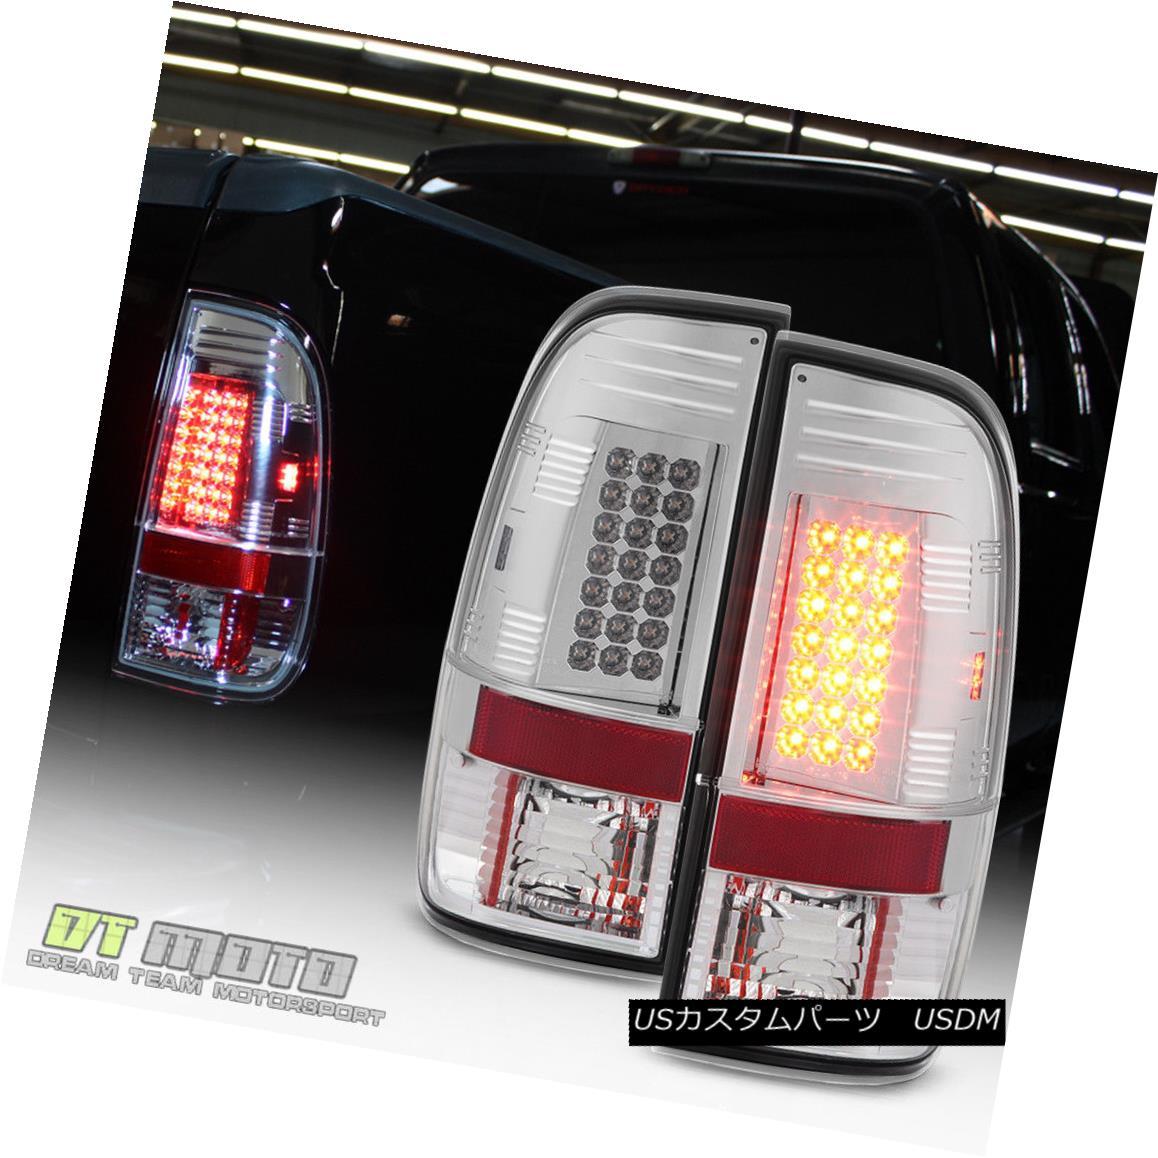 テールライト 1999-2007 Ford F250 97-03 F150 Lumileds LED Tail Lights Brake Lamps Left+Right 1999-2007 Ford F250 97-03 F150 Lumileds LEDテールライトブレーキランプ左+右